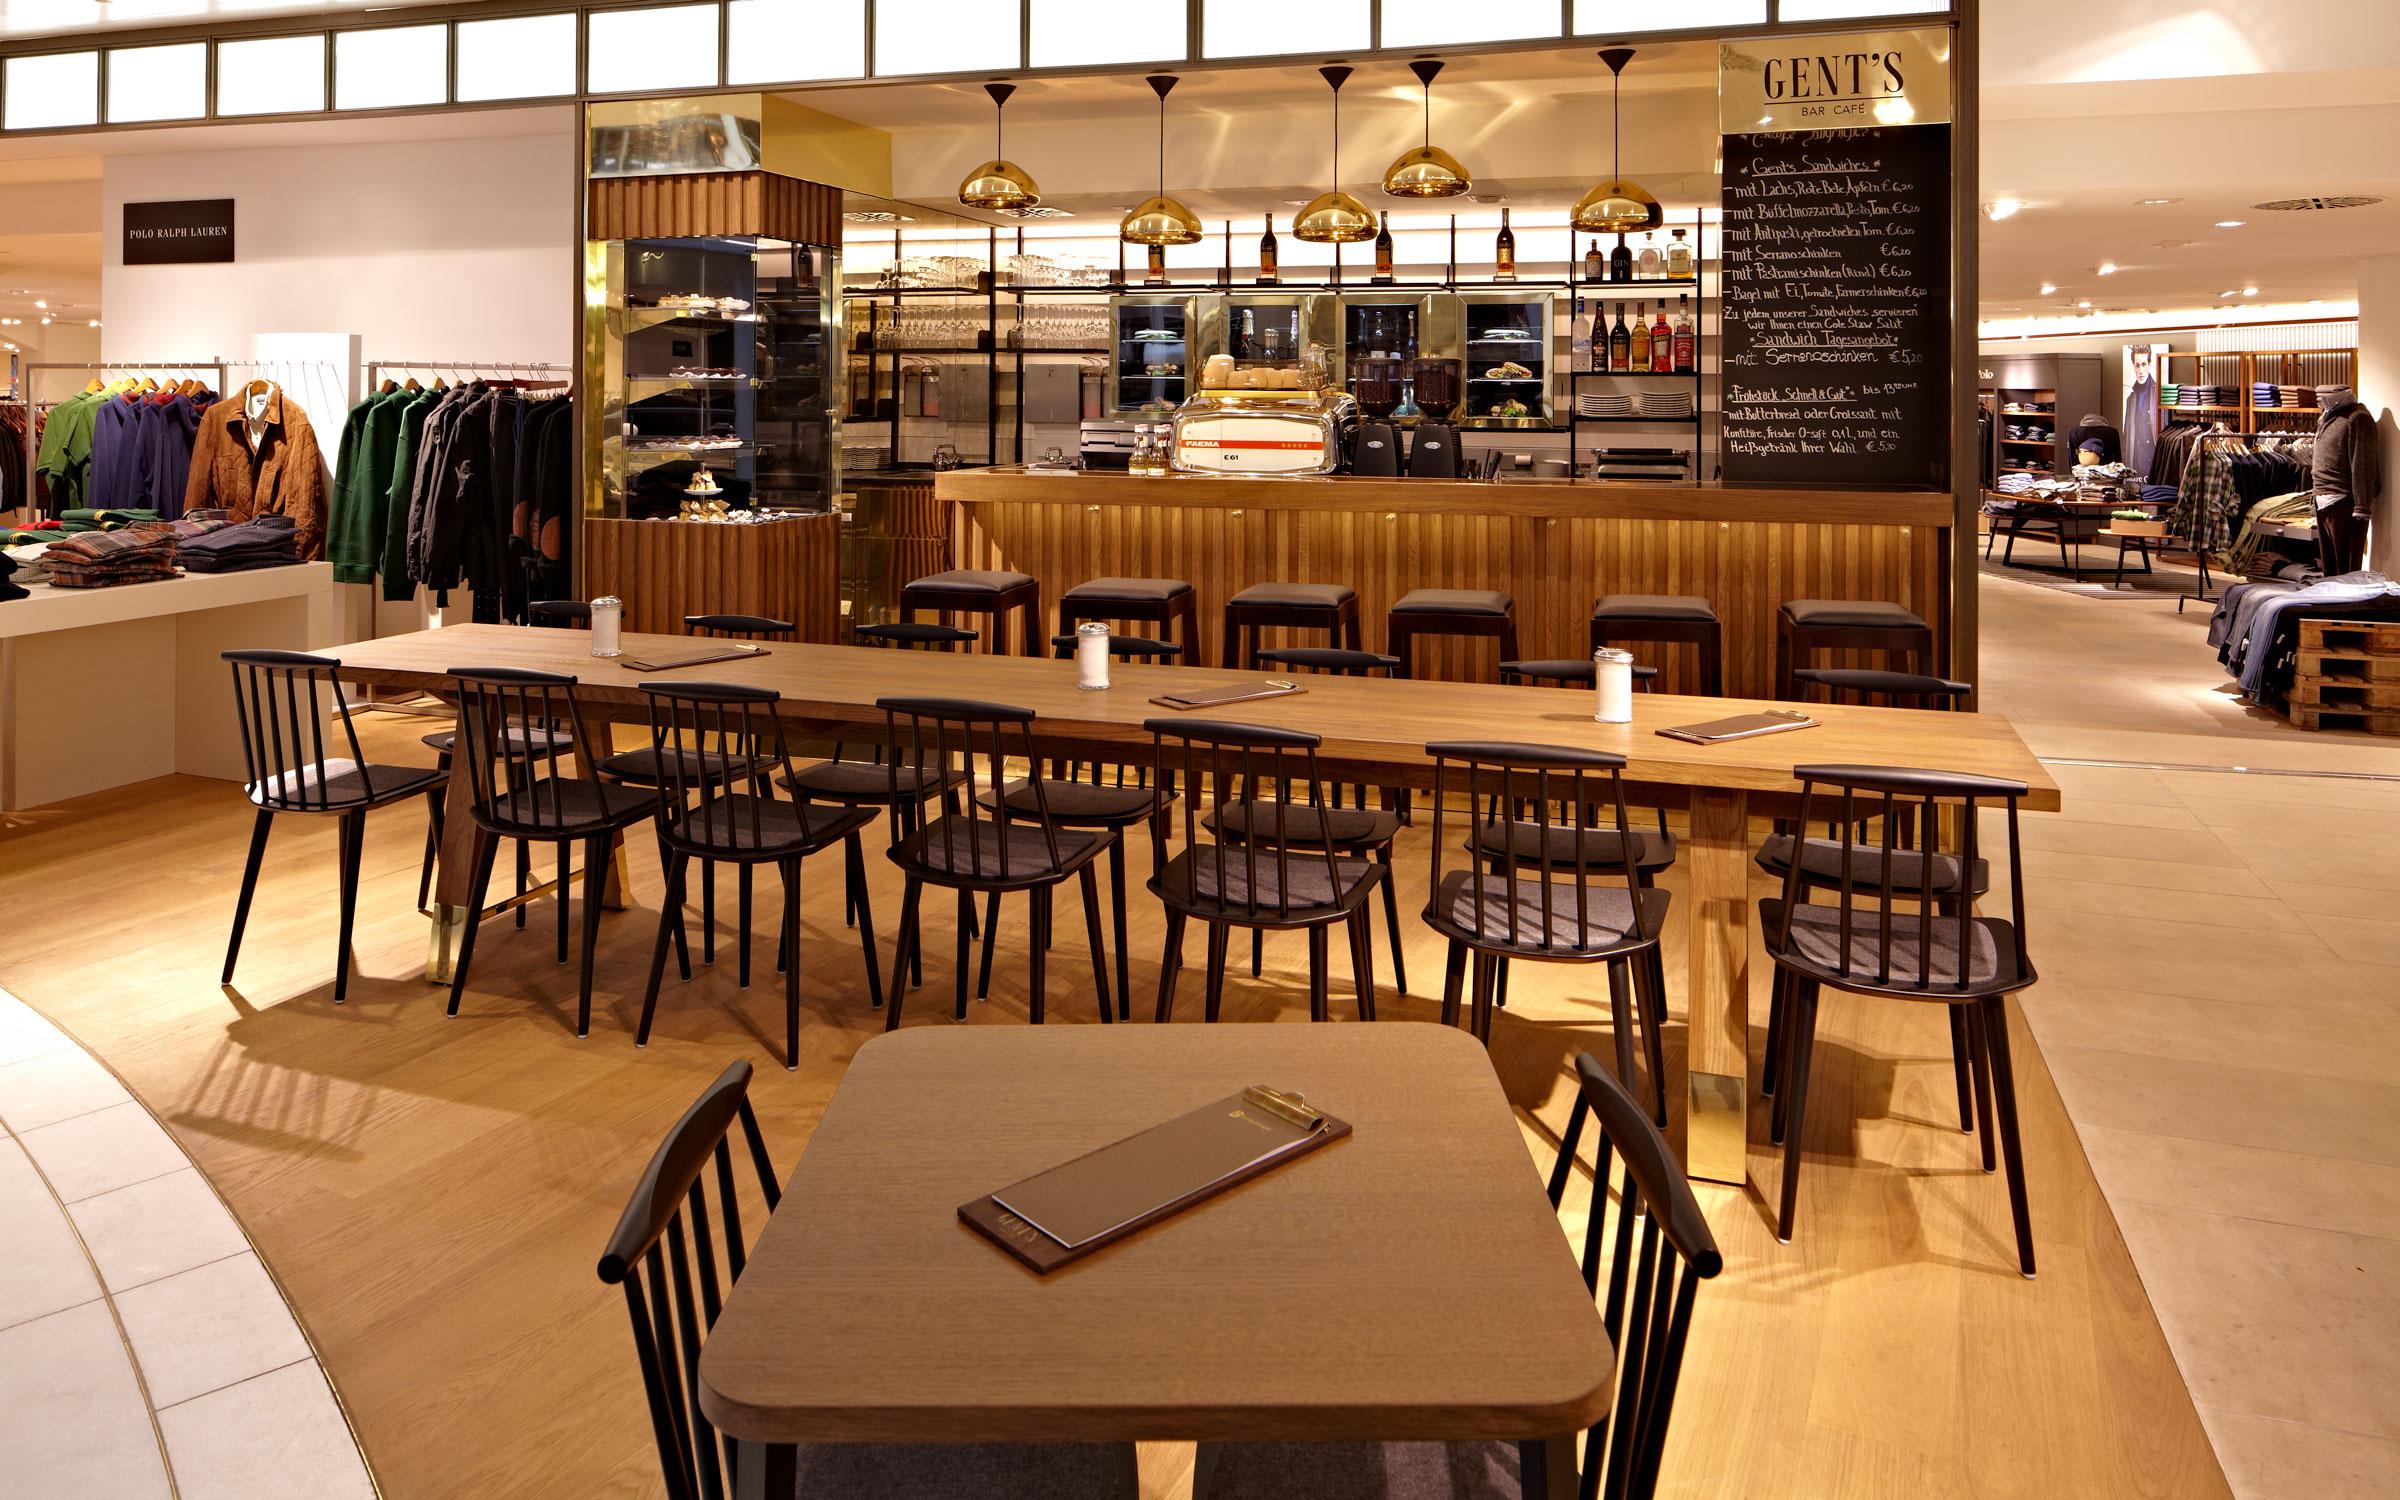 Cafe Gents Breuninger, Bar